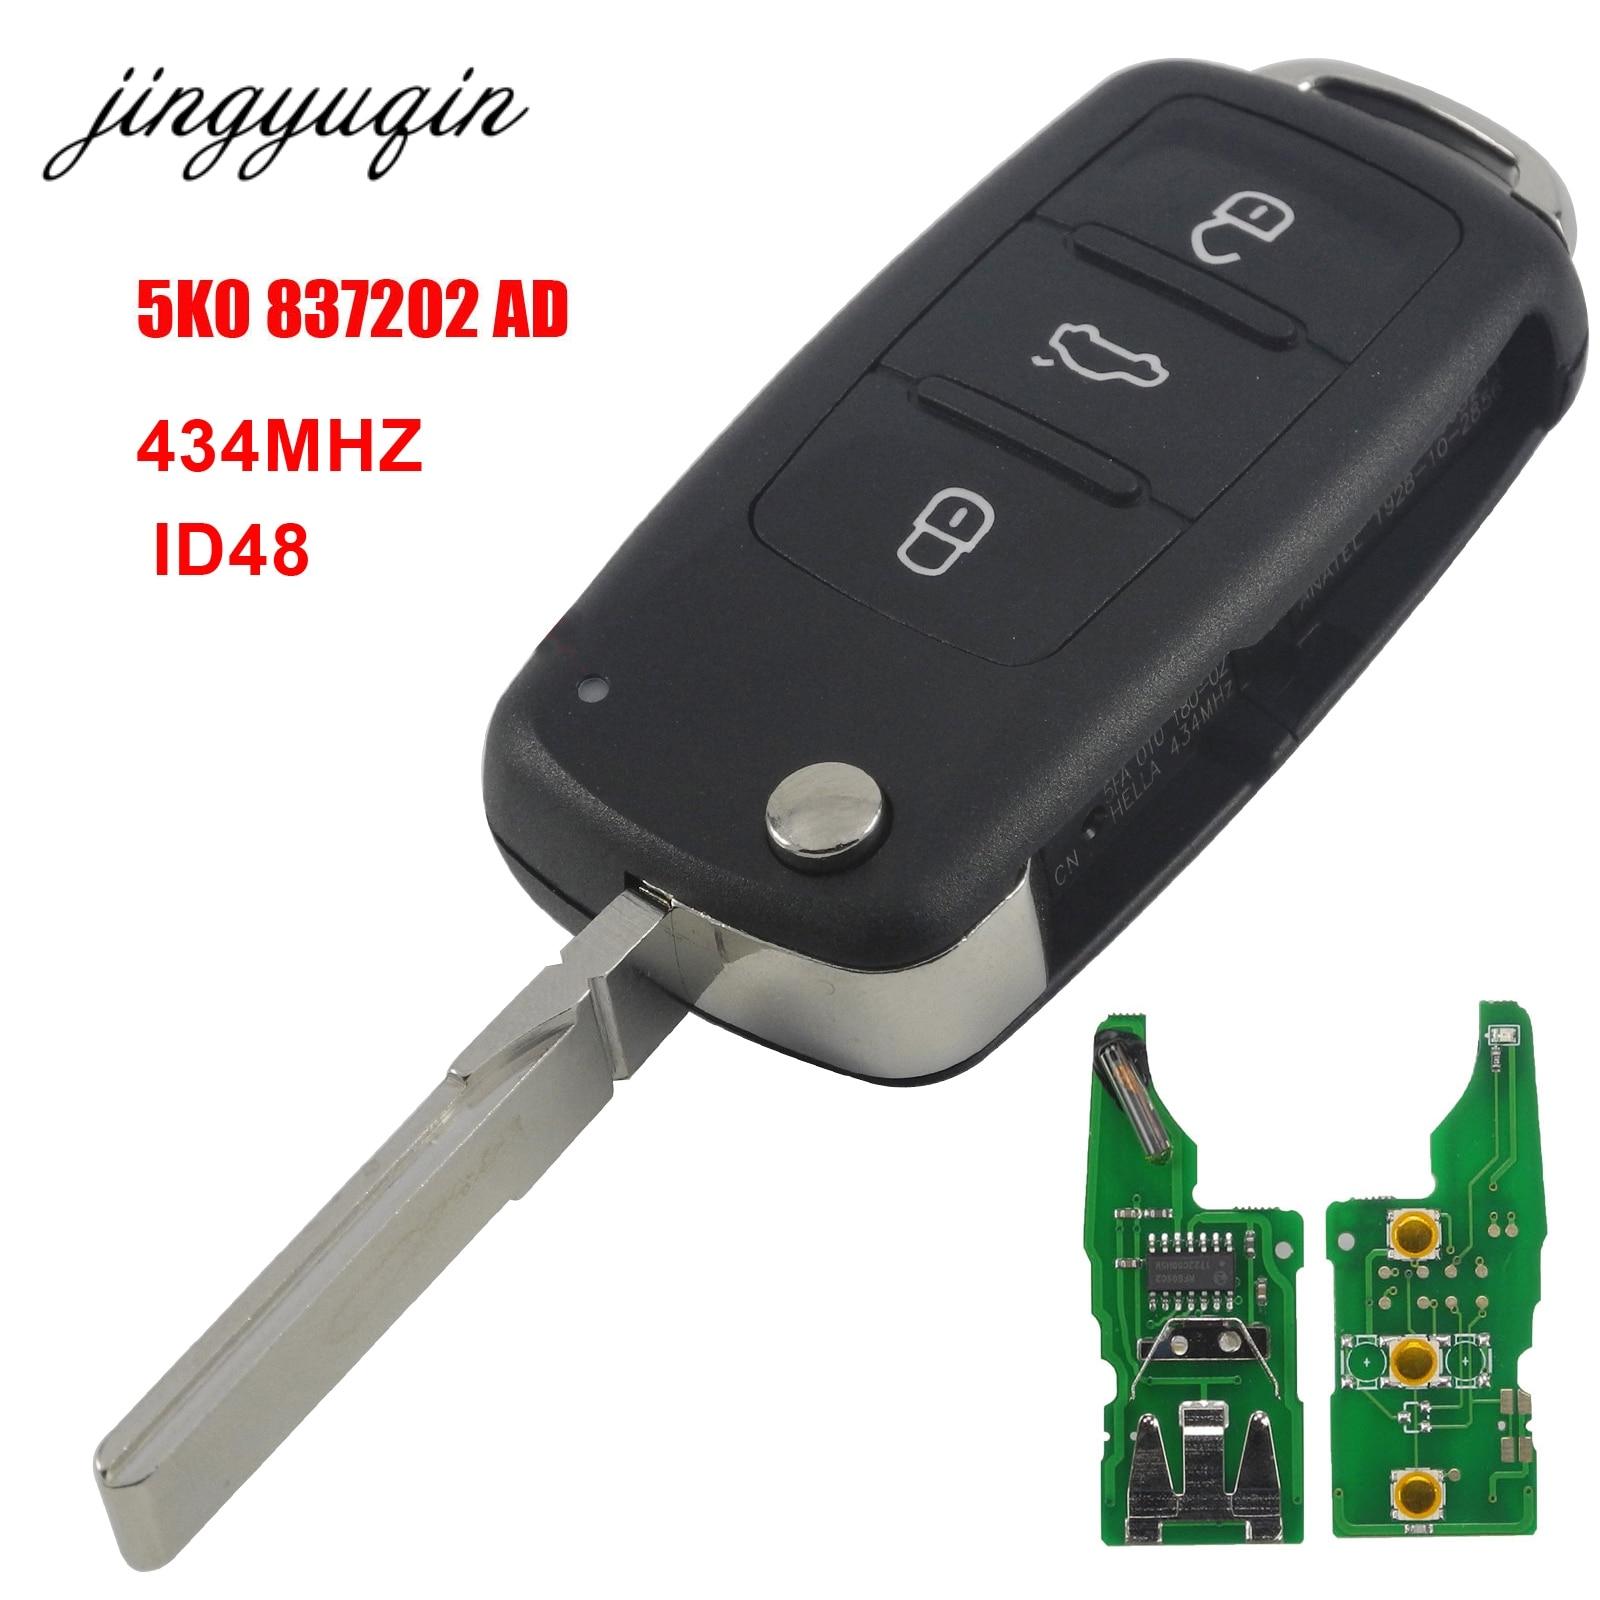 jingyuqin 3BTN Remote Flip key 434MHz ID48 Chip for VW Volkswagen GOLF PASSAT Tiguan Polo Jetta Beetle Car Keyless 5K0837202AD